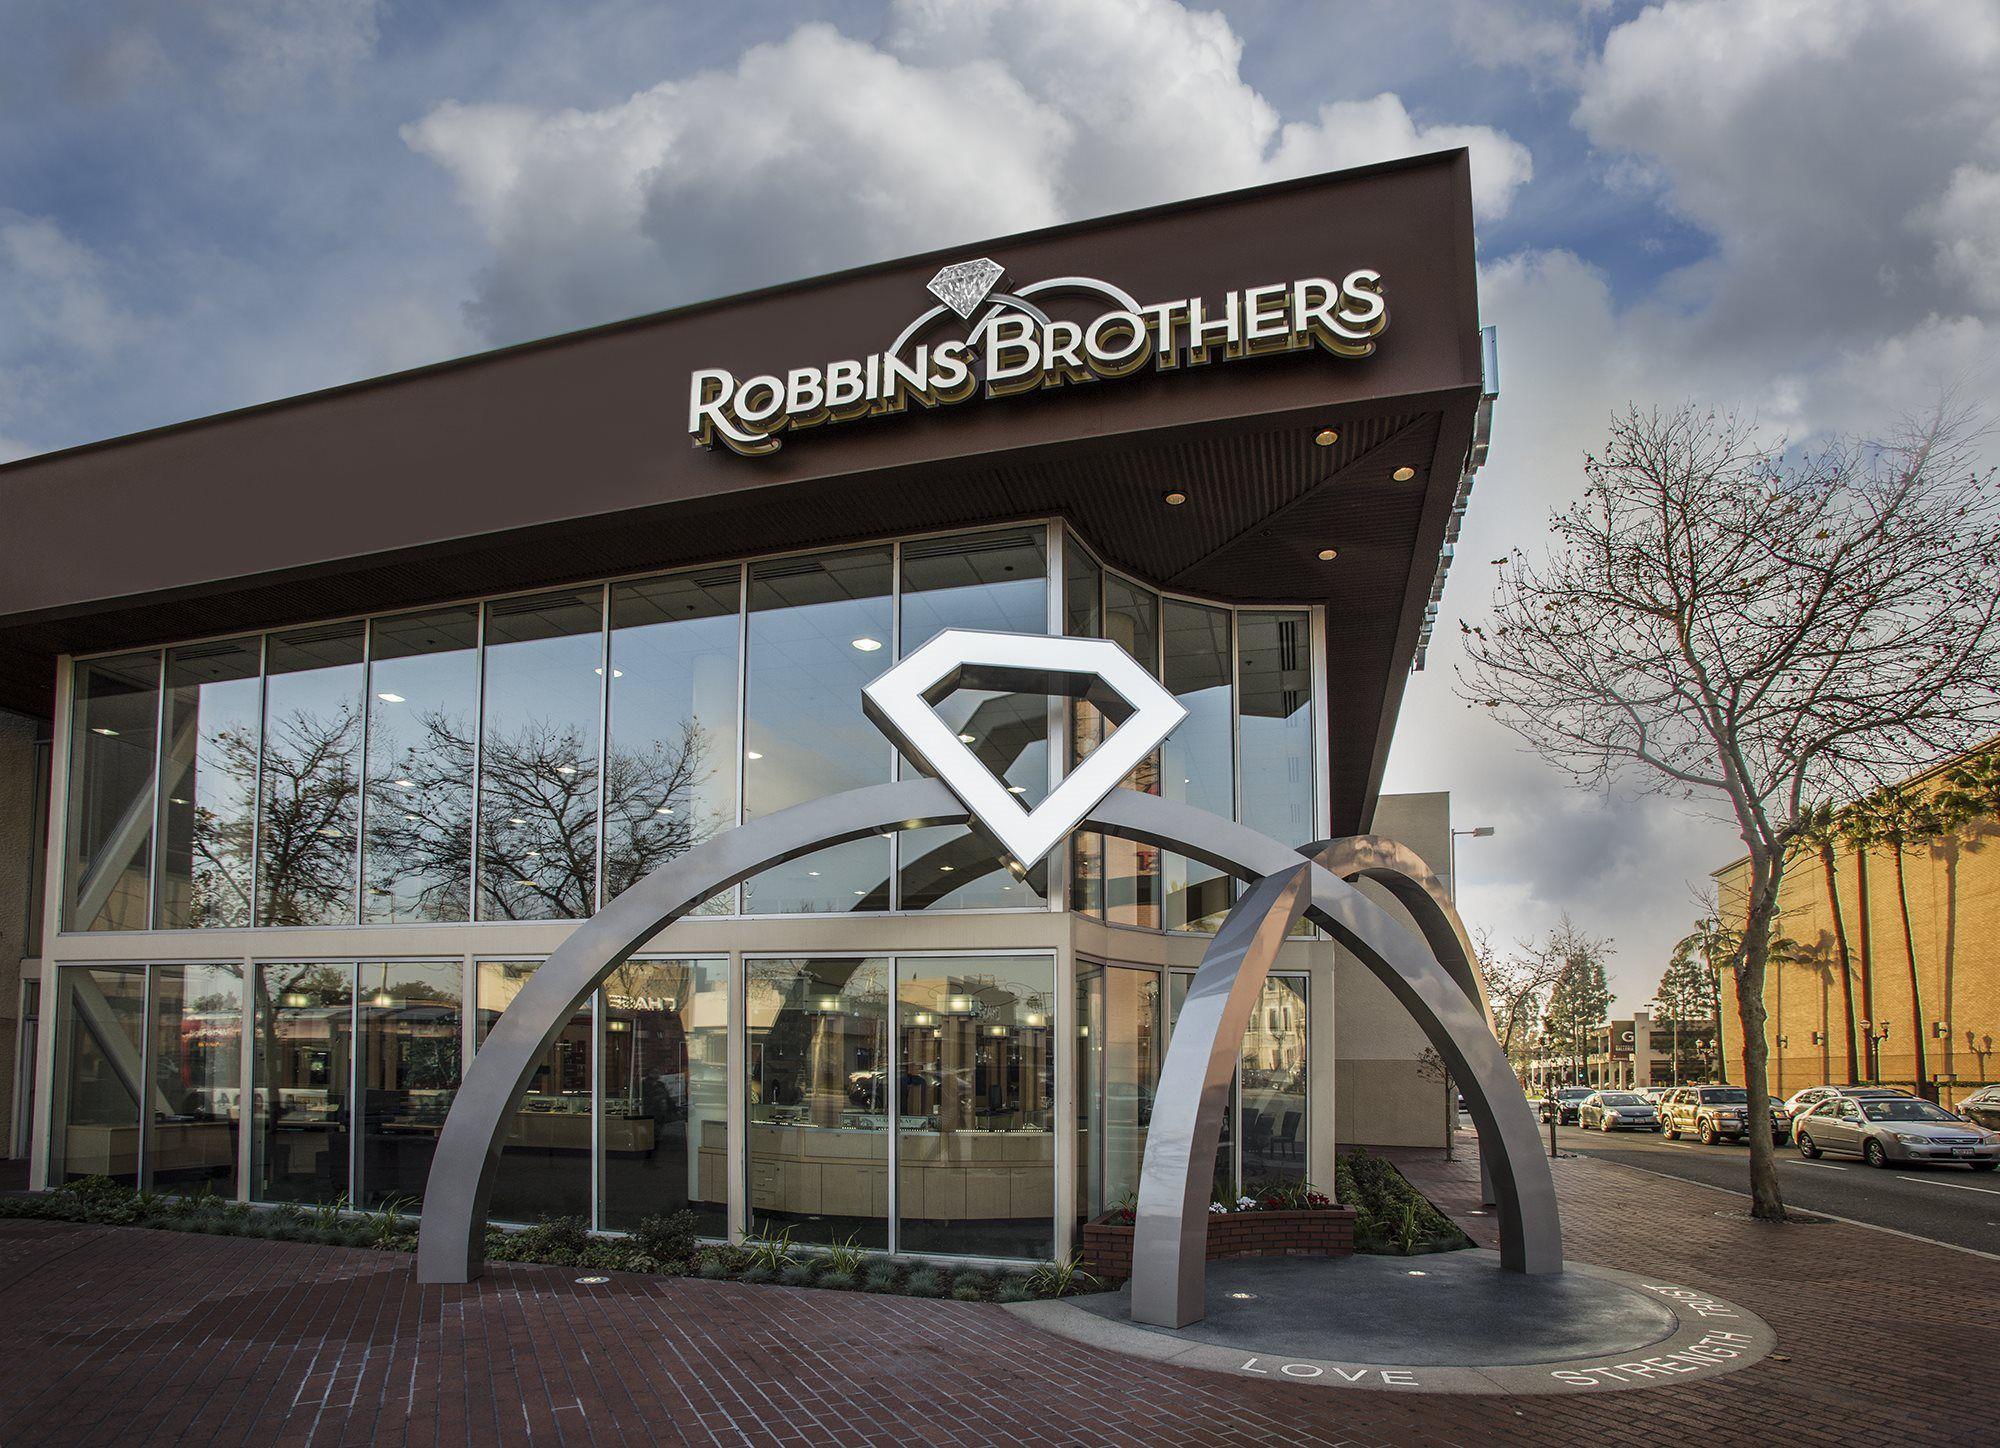 RobbinsBrothersSculp.jpeg